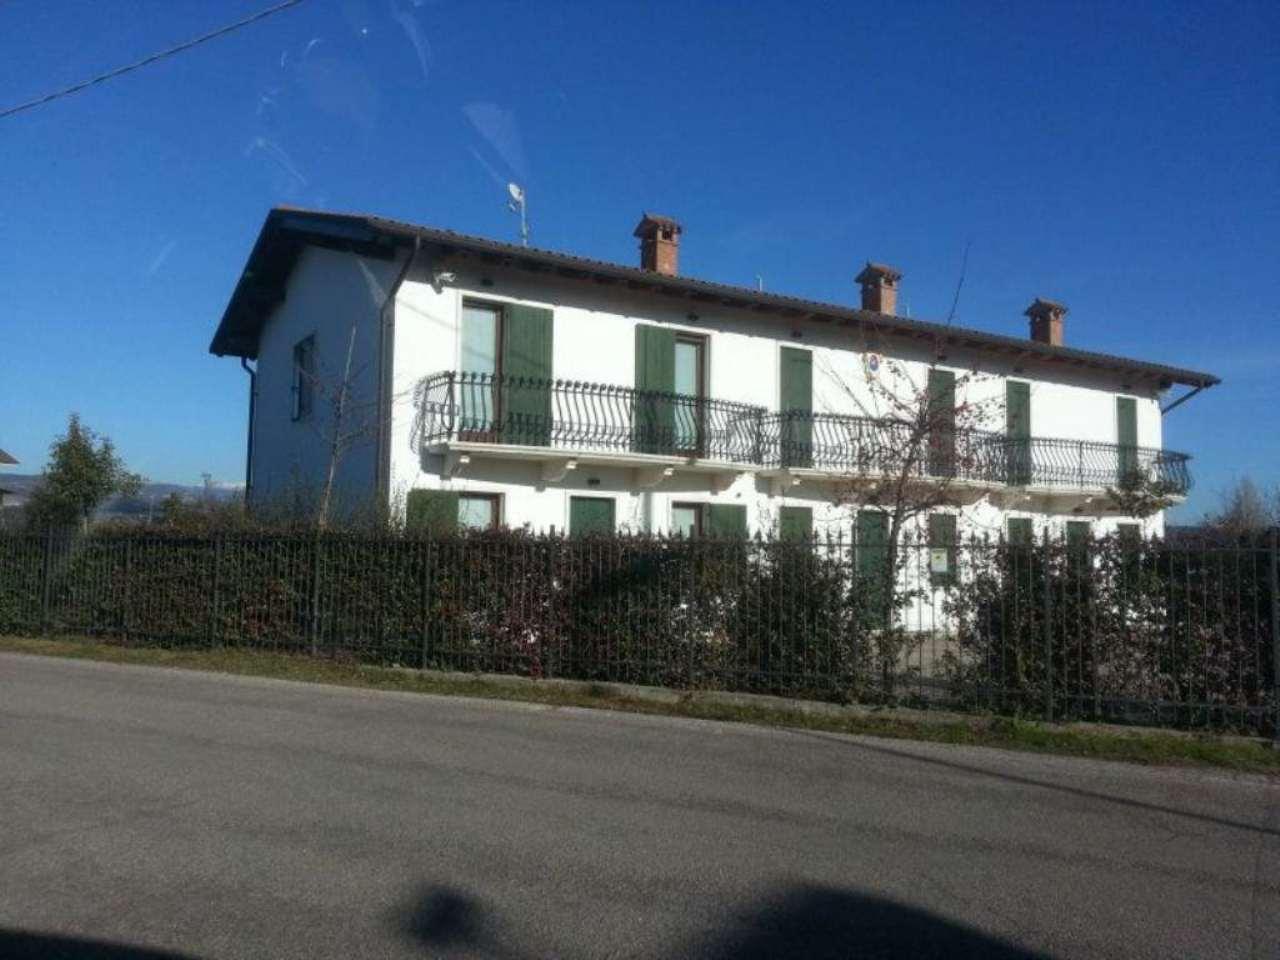 Ufficio / Studio in affitto a Pescantina, 9999 locali, Trattative riservate | Cambio Casa.it